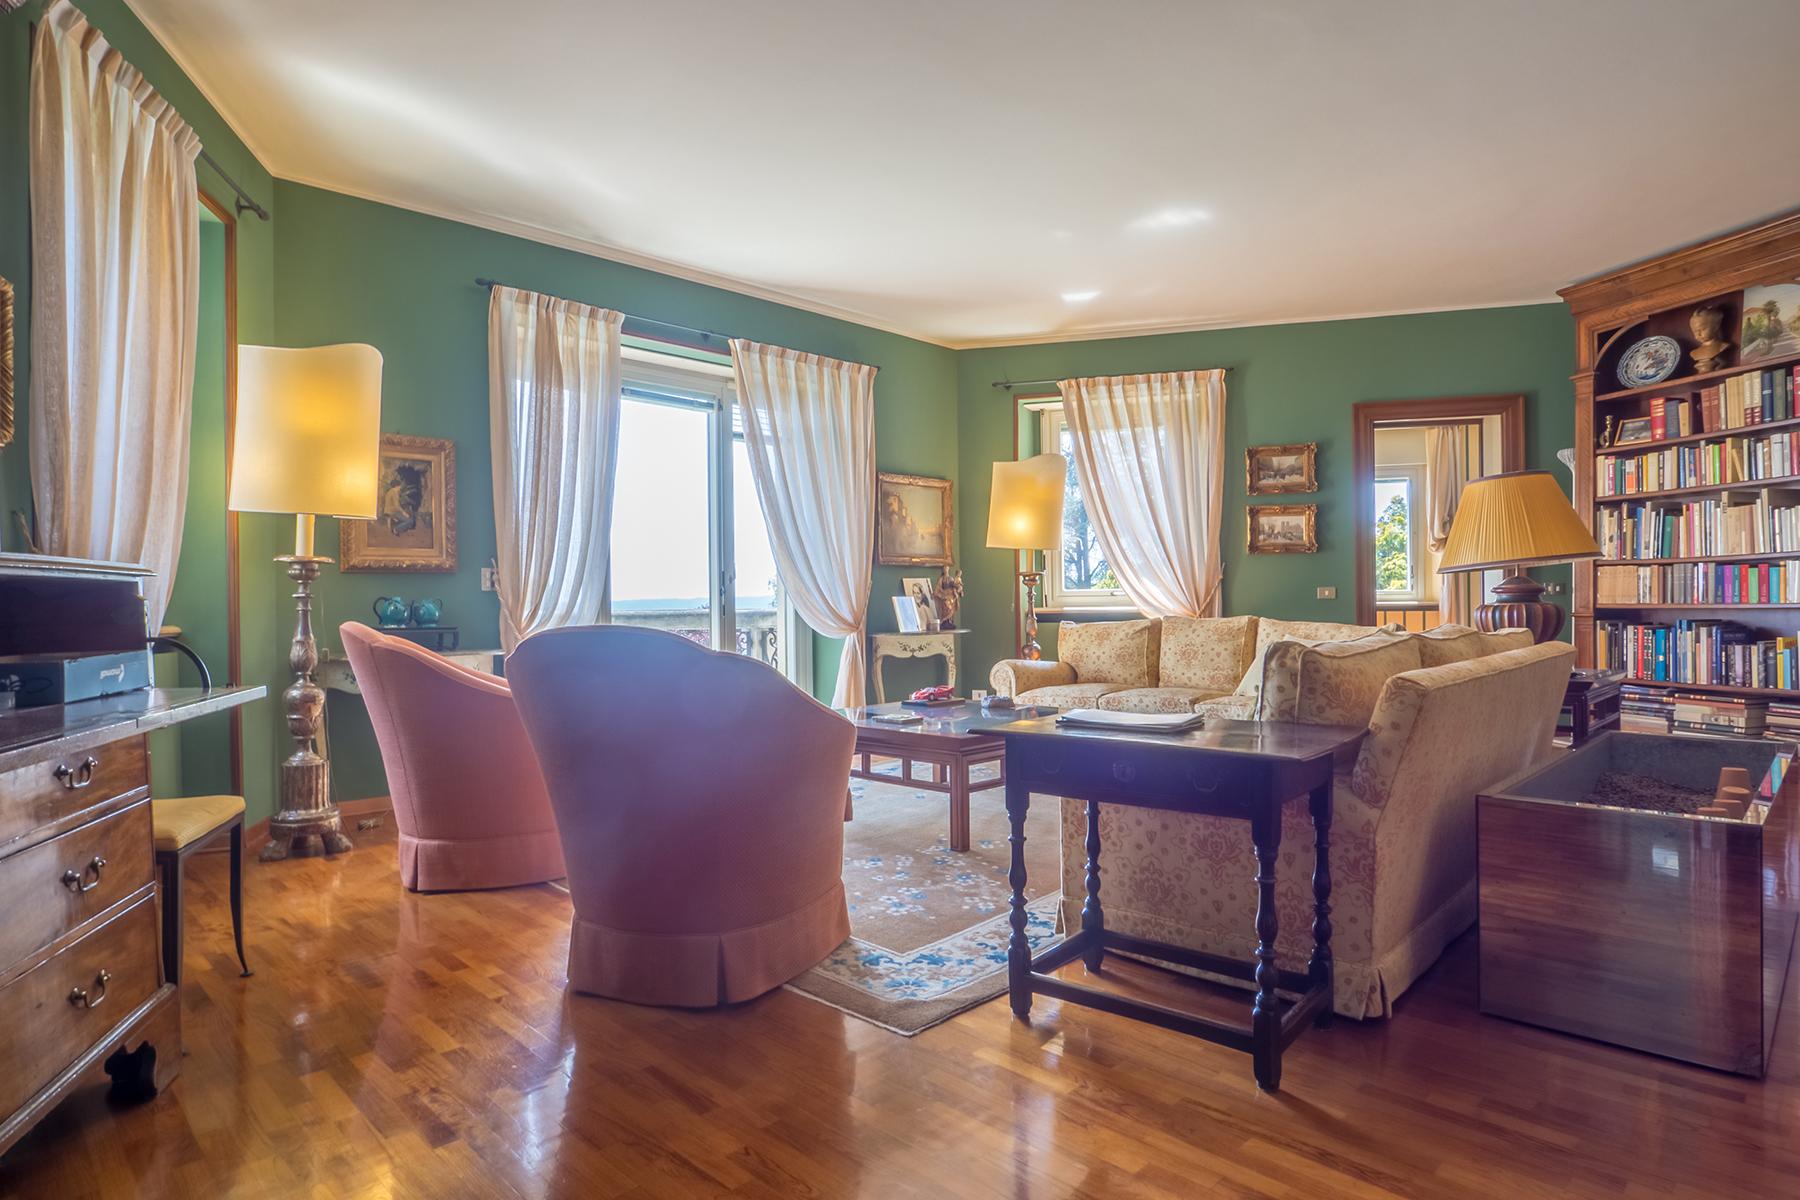 Appartamento in Vendita a Biella: 5 locali, 422 mq - Foto 4